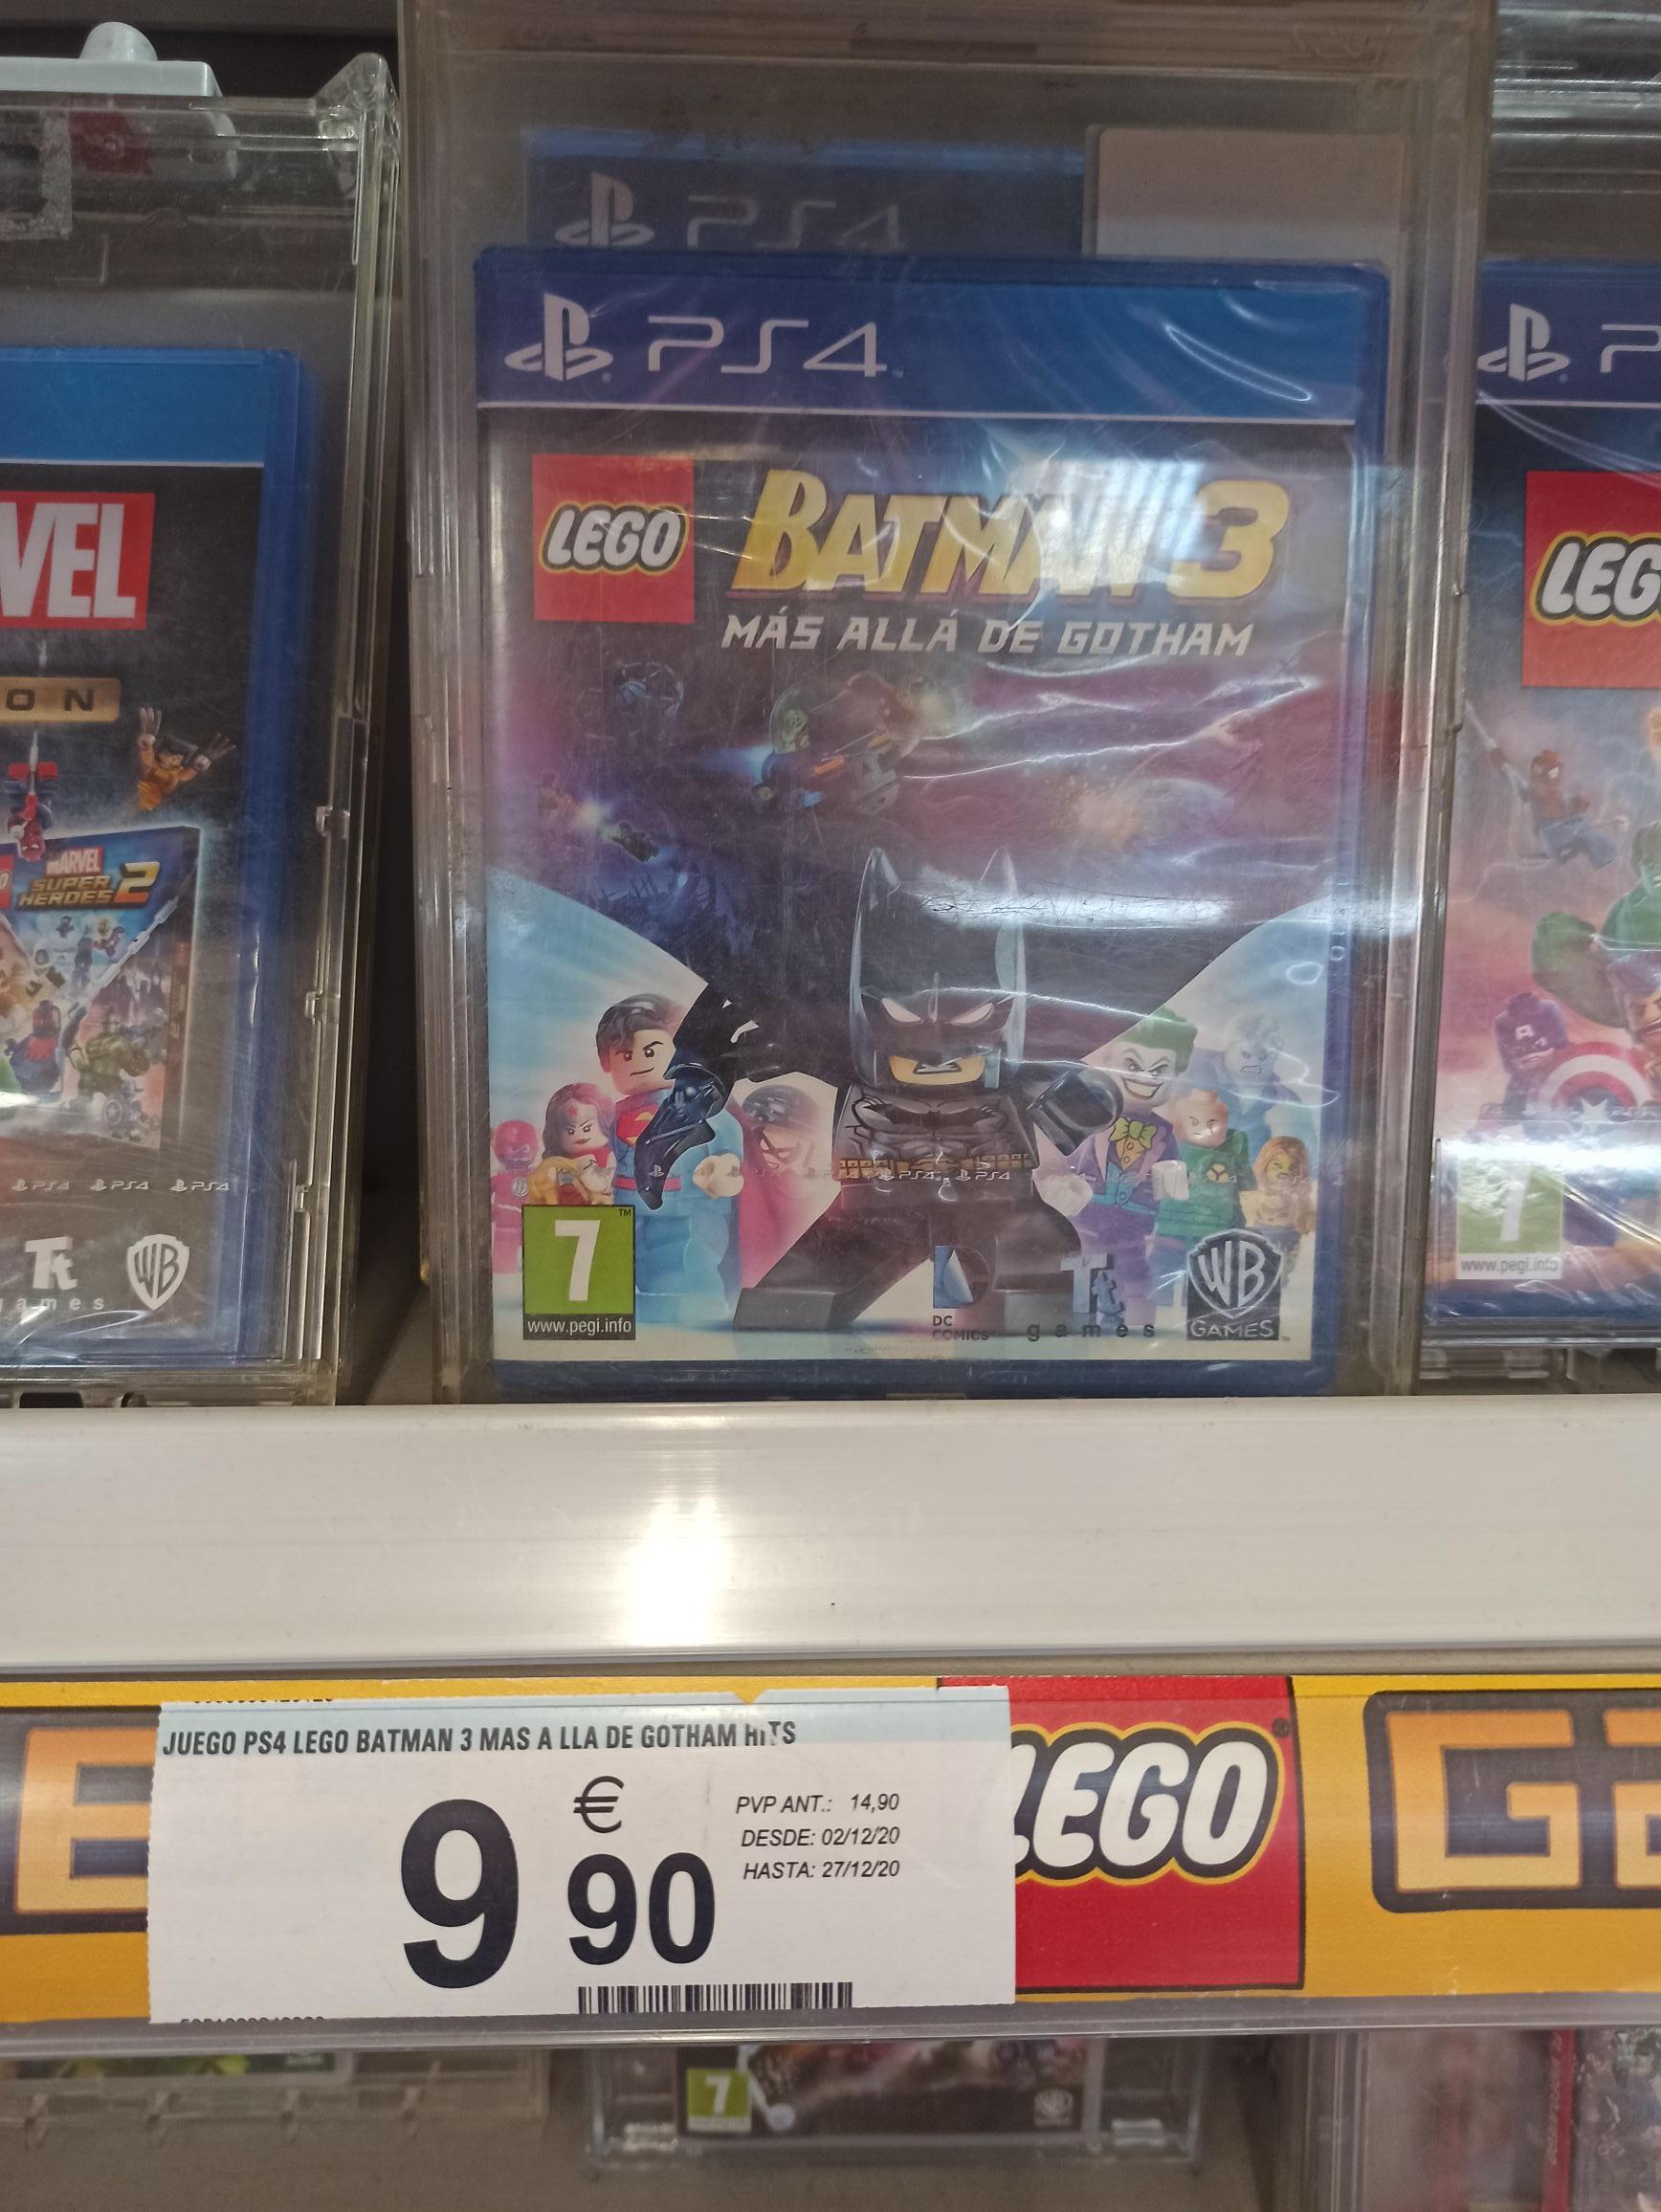 Juego ps4 batman 3 lego (Carrefour Castellón)